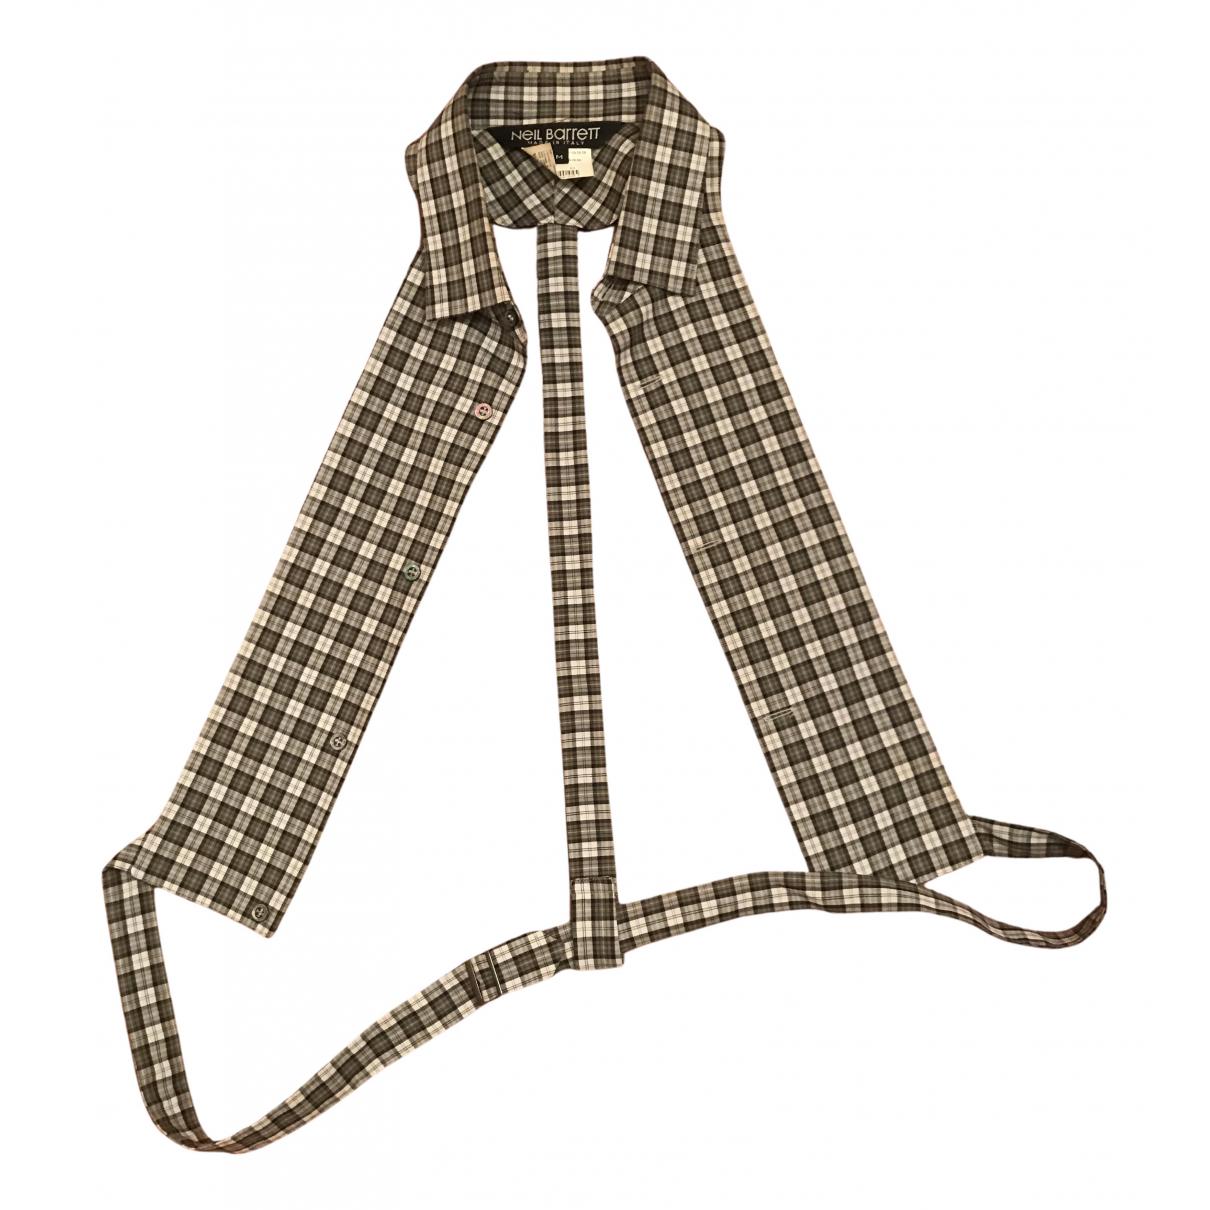 Neil Barrett N Grey Cotton Knitwear for Women M International